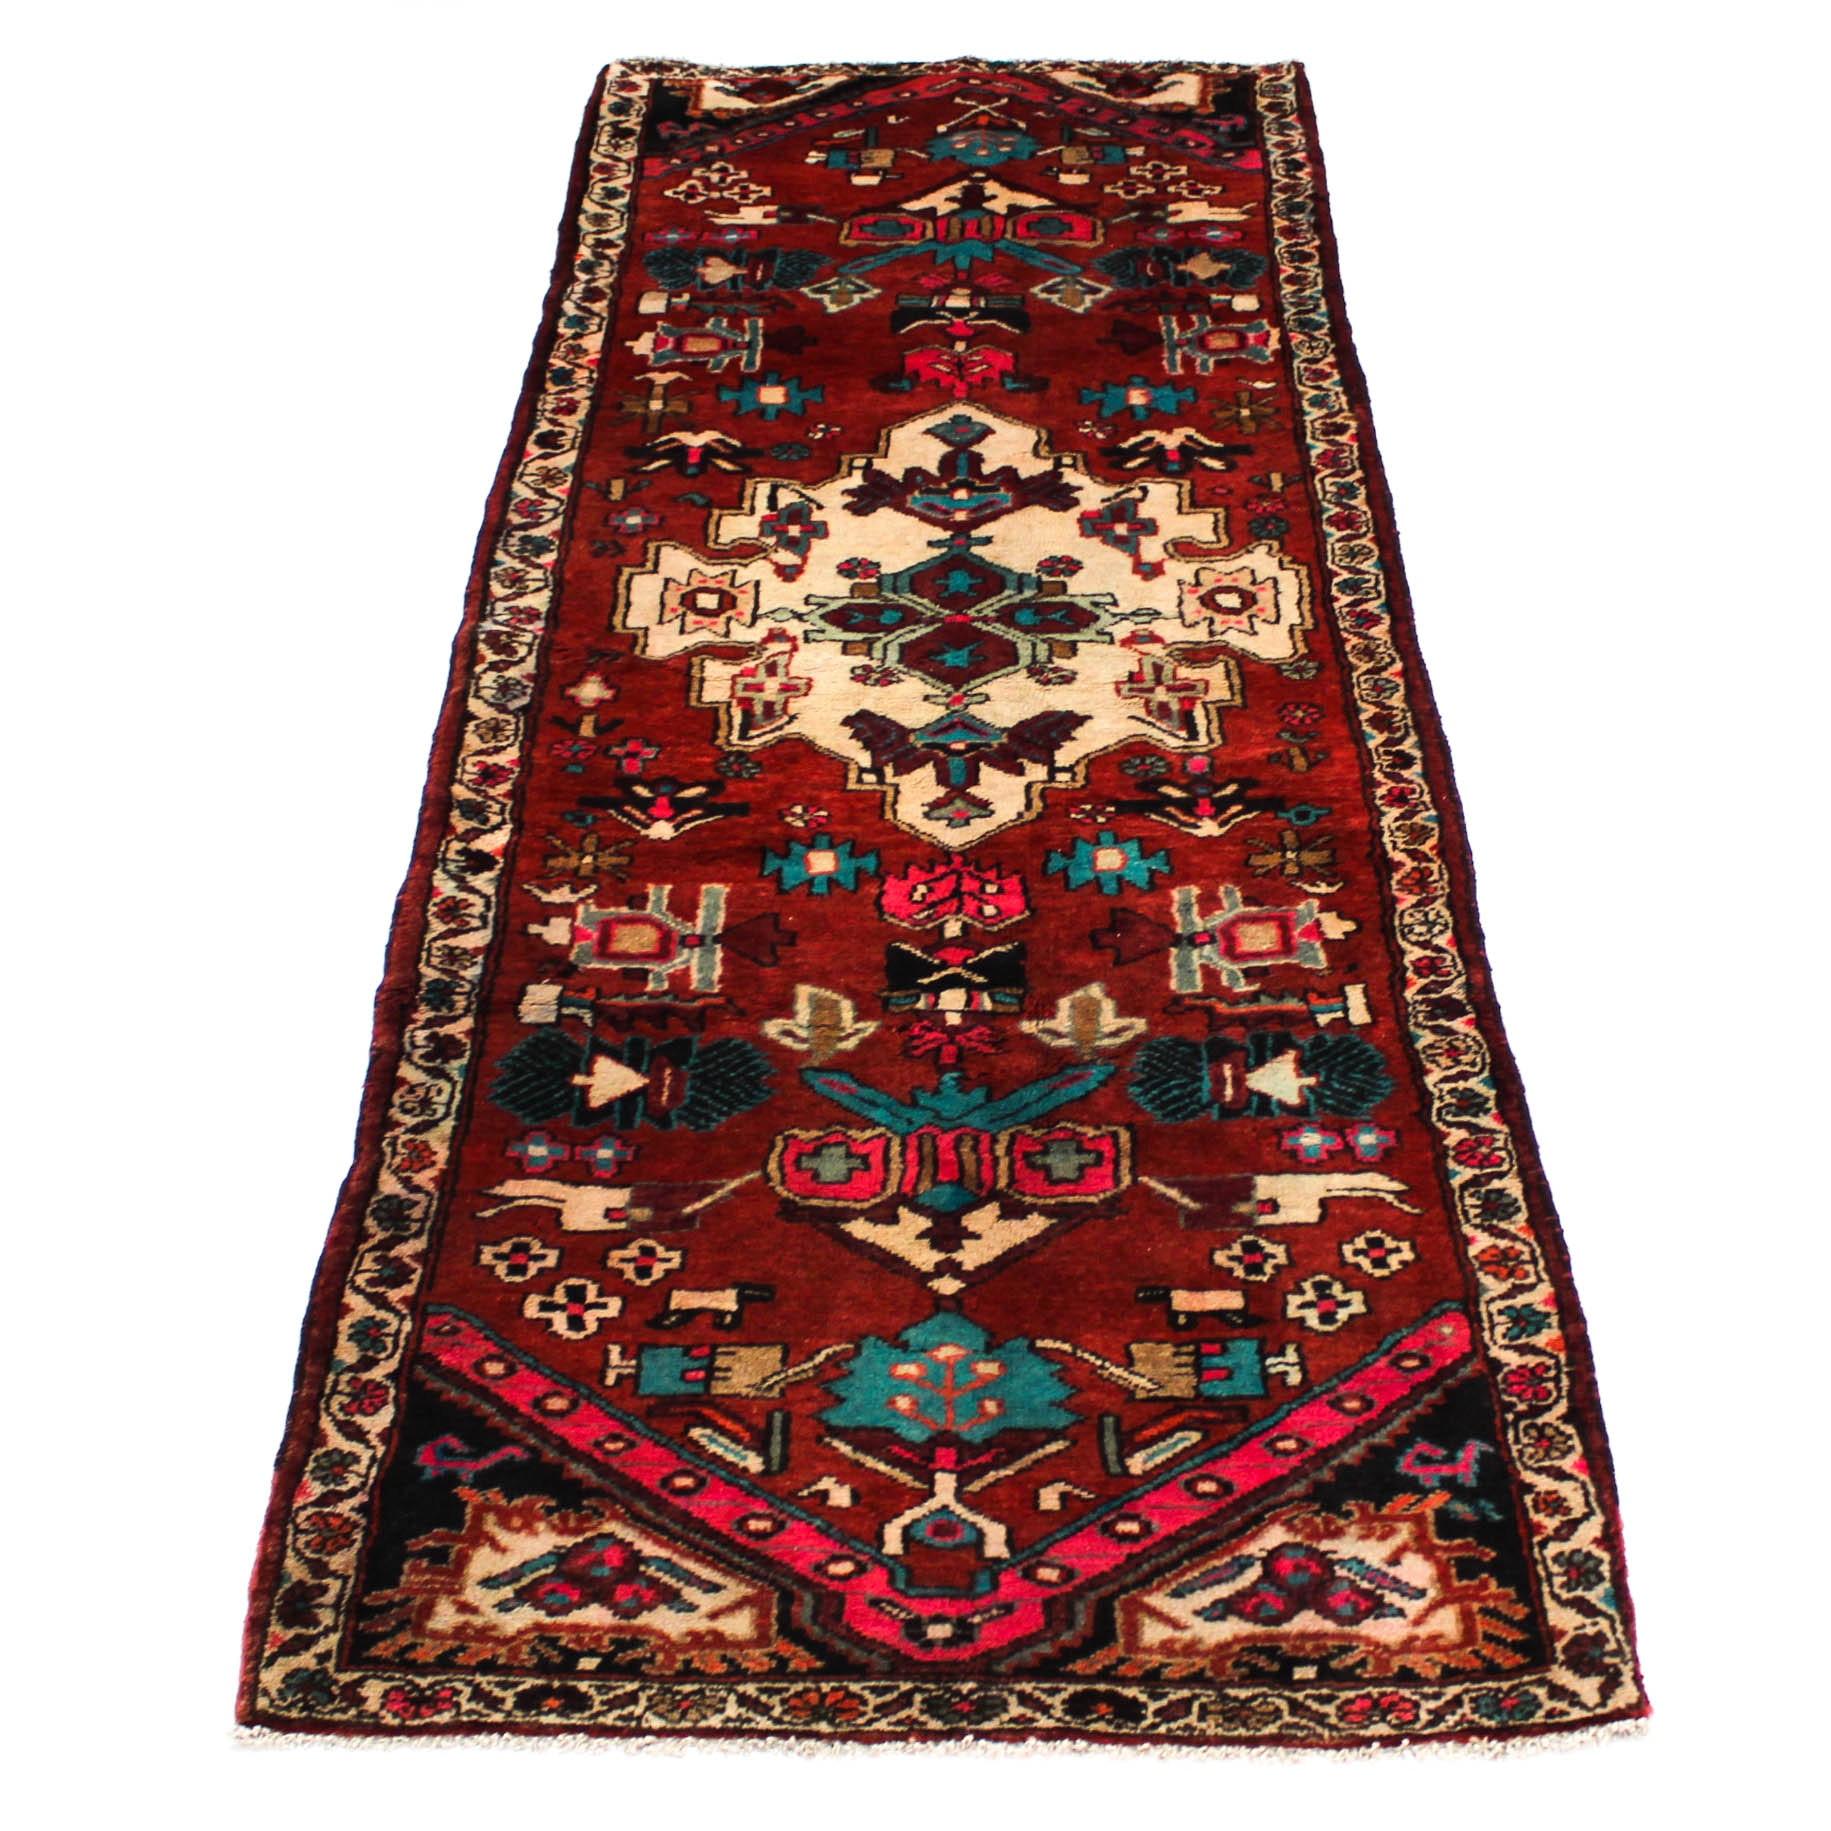 3'7 x 9'7 Semi-Antique Persian Northwest Runner